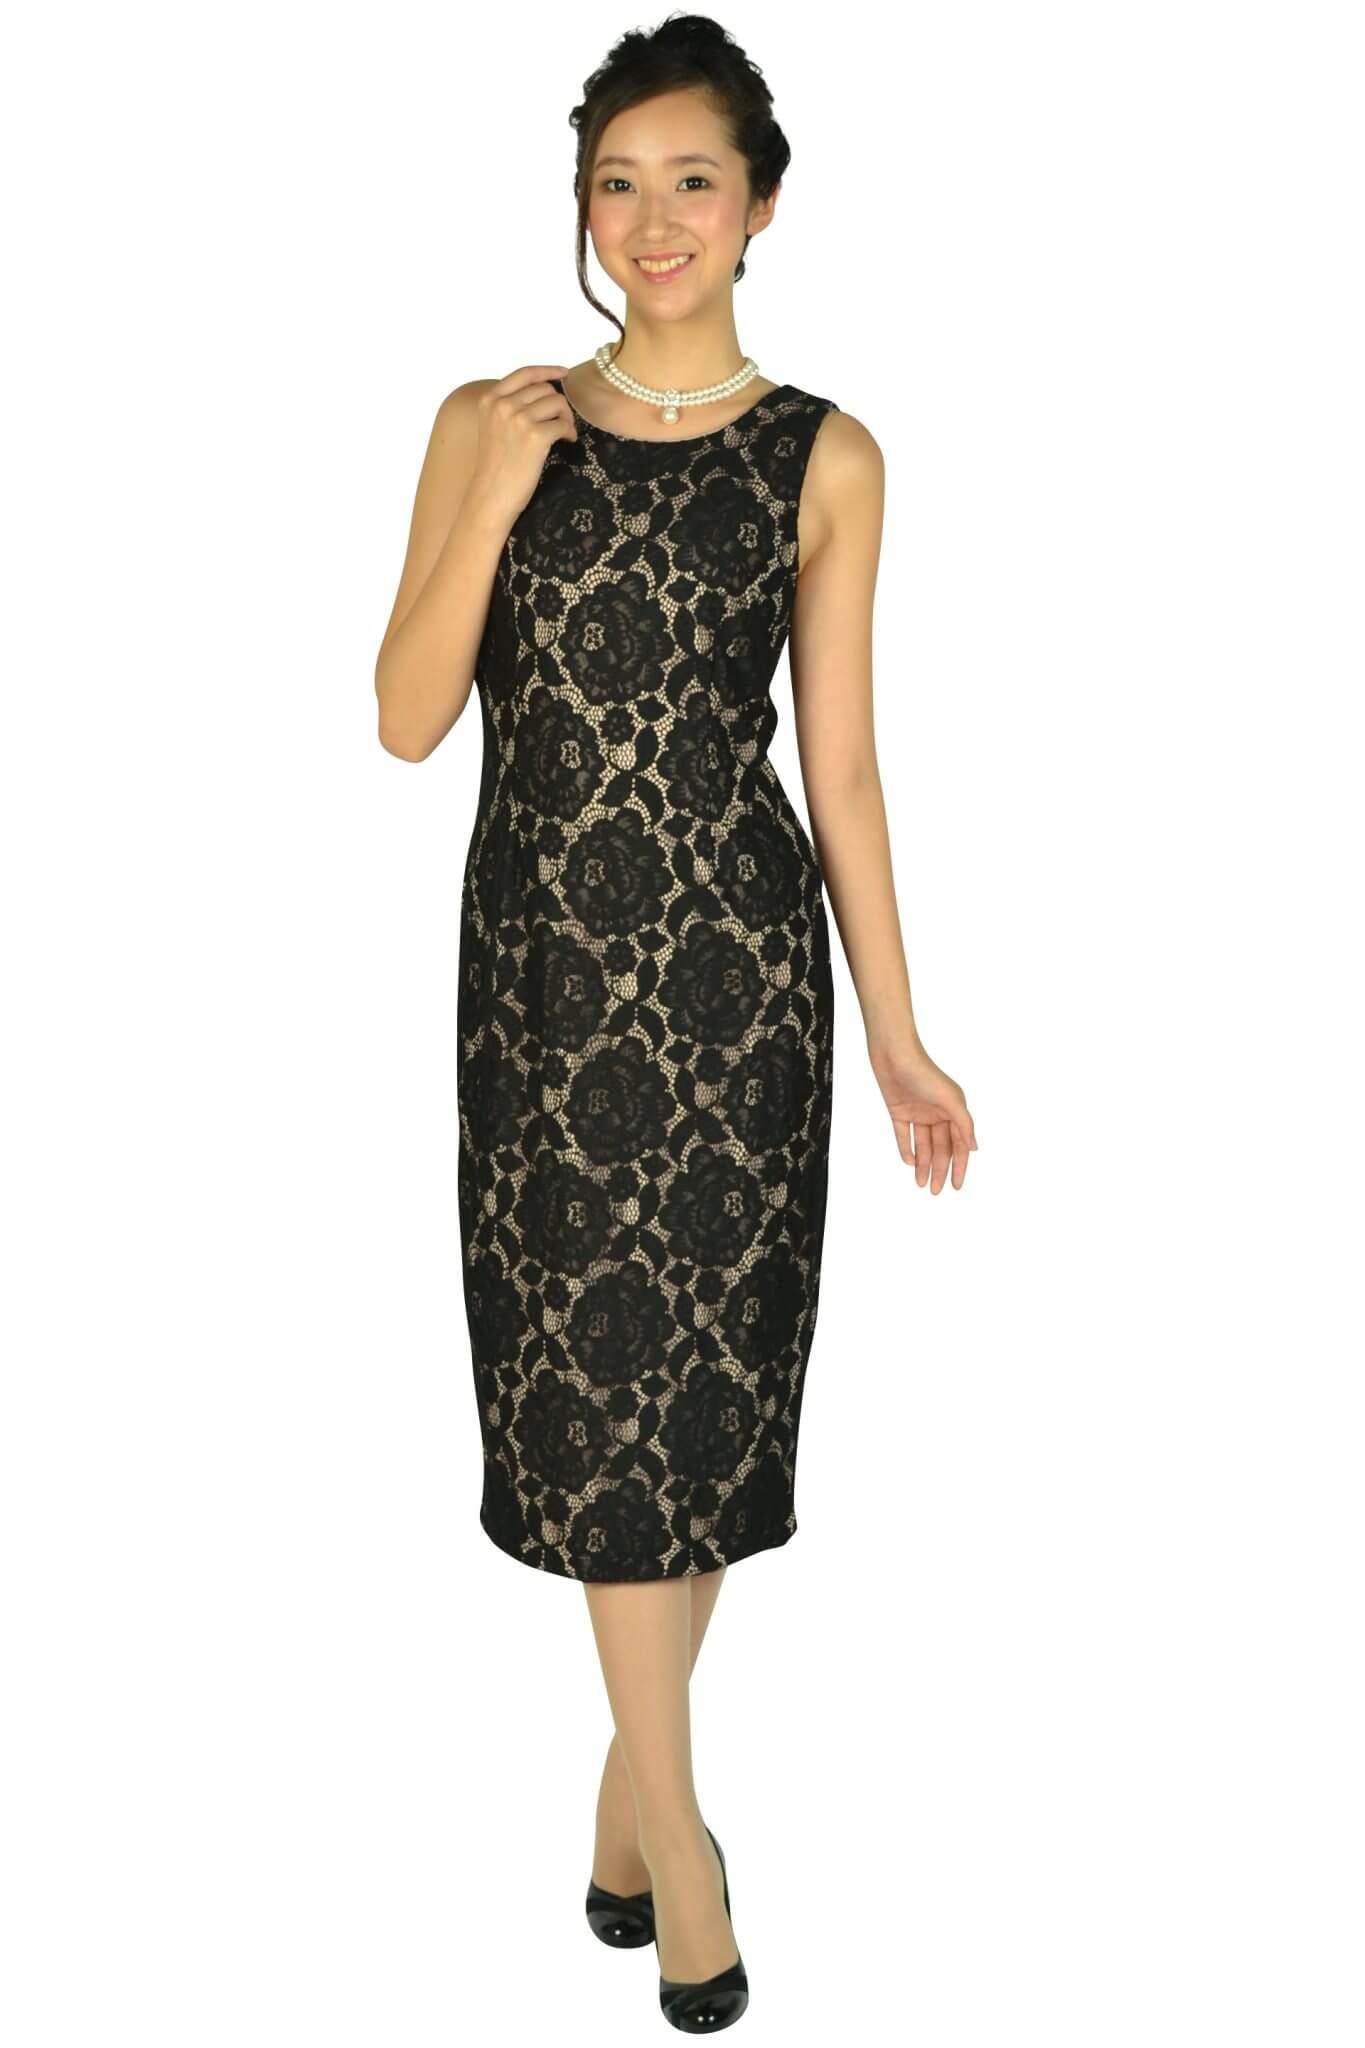 イヴァンカ トランプ (IVANKA TRUMP)ブラック×ベージュミディタイトドレス